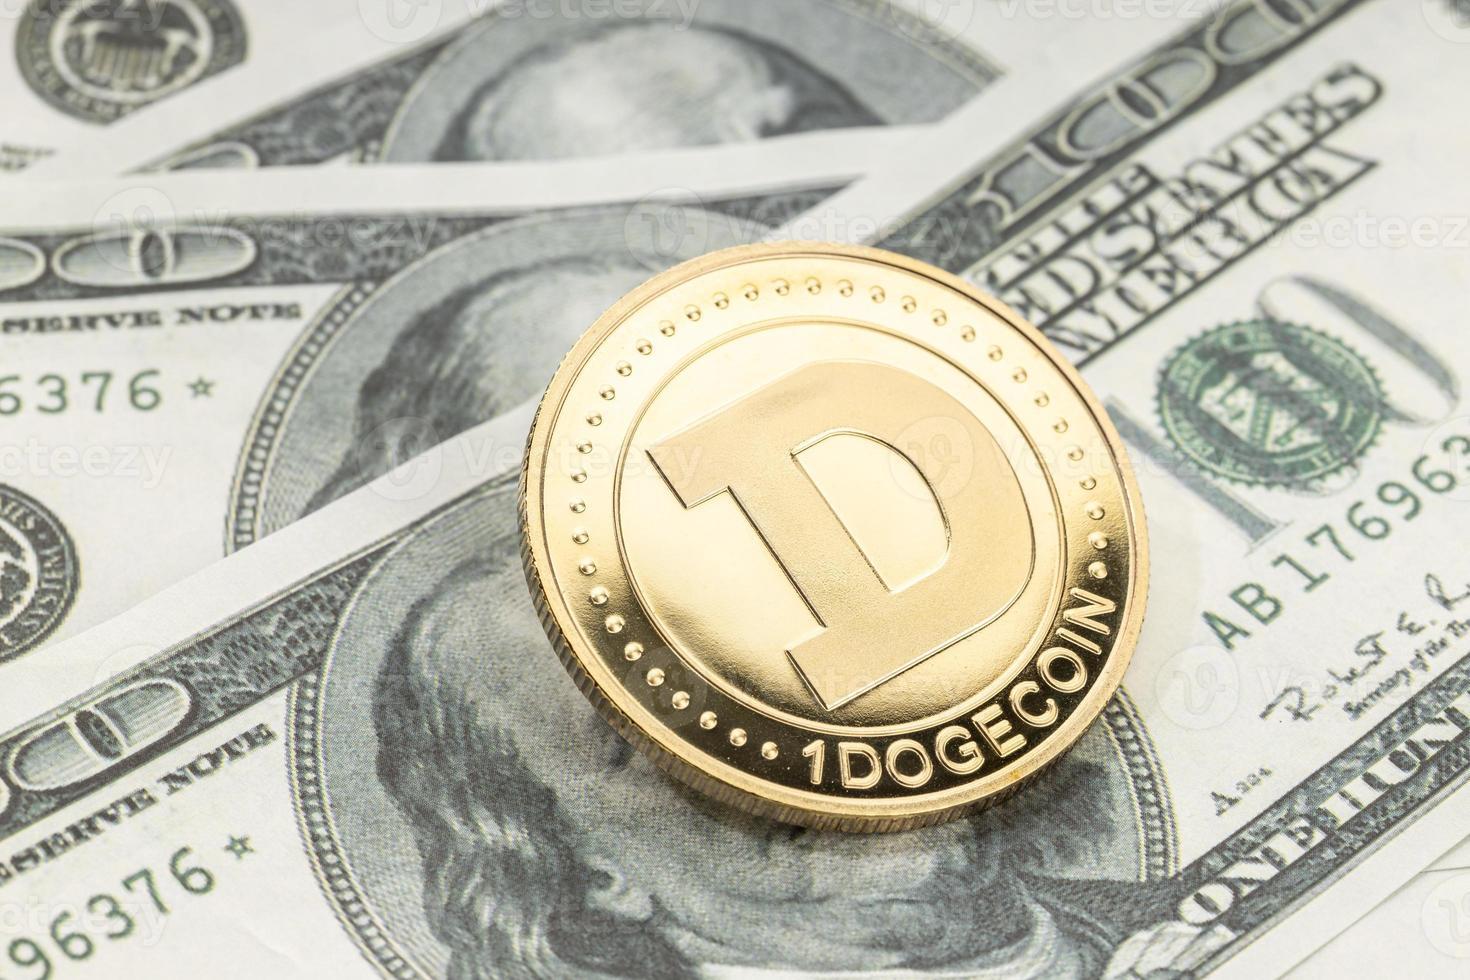 pièce de monnaie dogecoin sur les billets en dollars. crypto-monnaie sur les billets en dollars américains photo